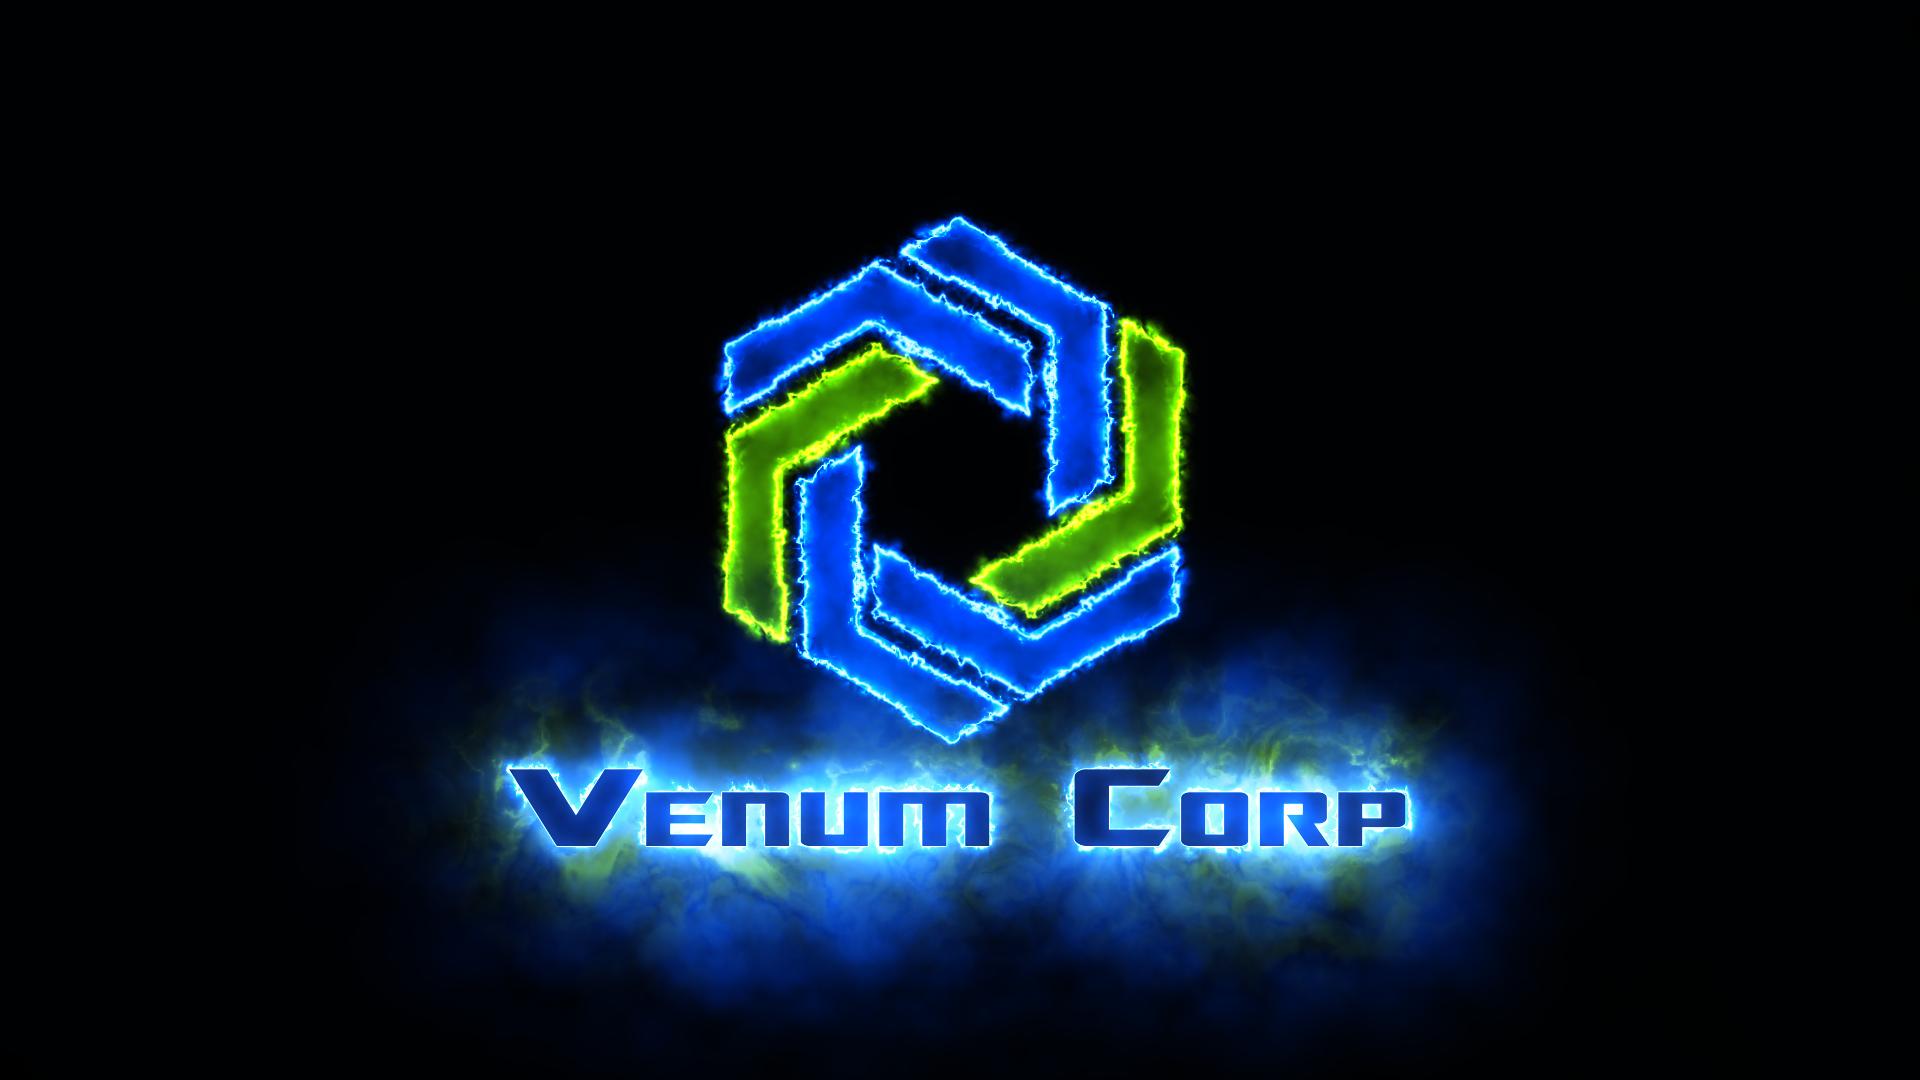 Venom_Corp_2.png